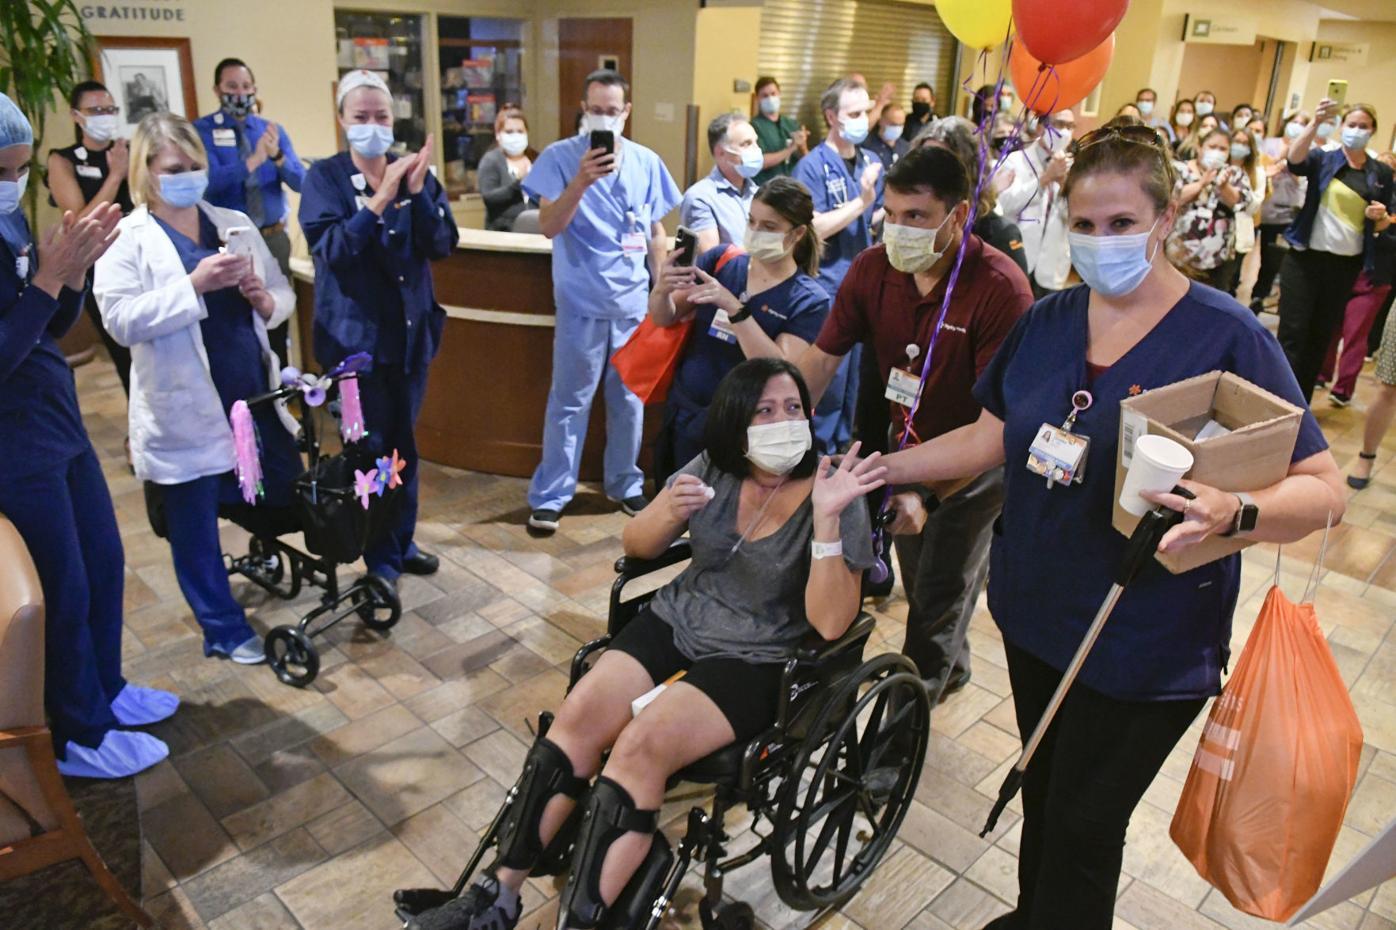 052820 Melissa Meza coronavirus 01.jpg